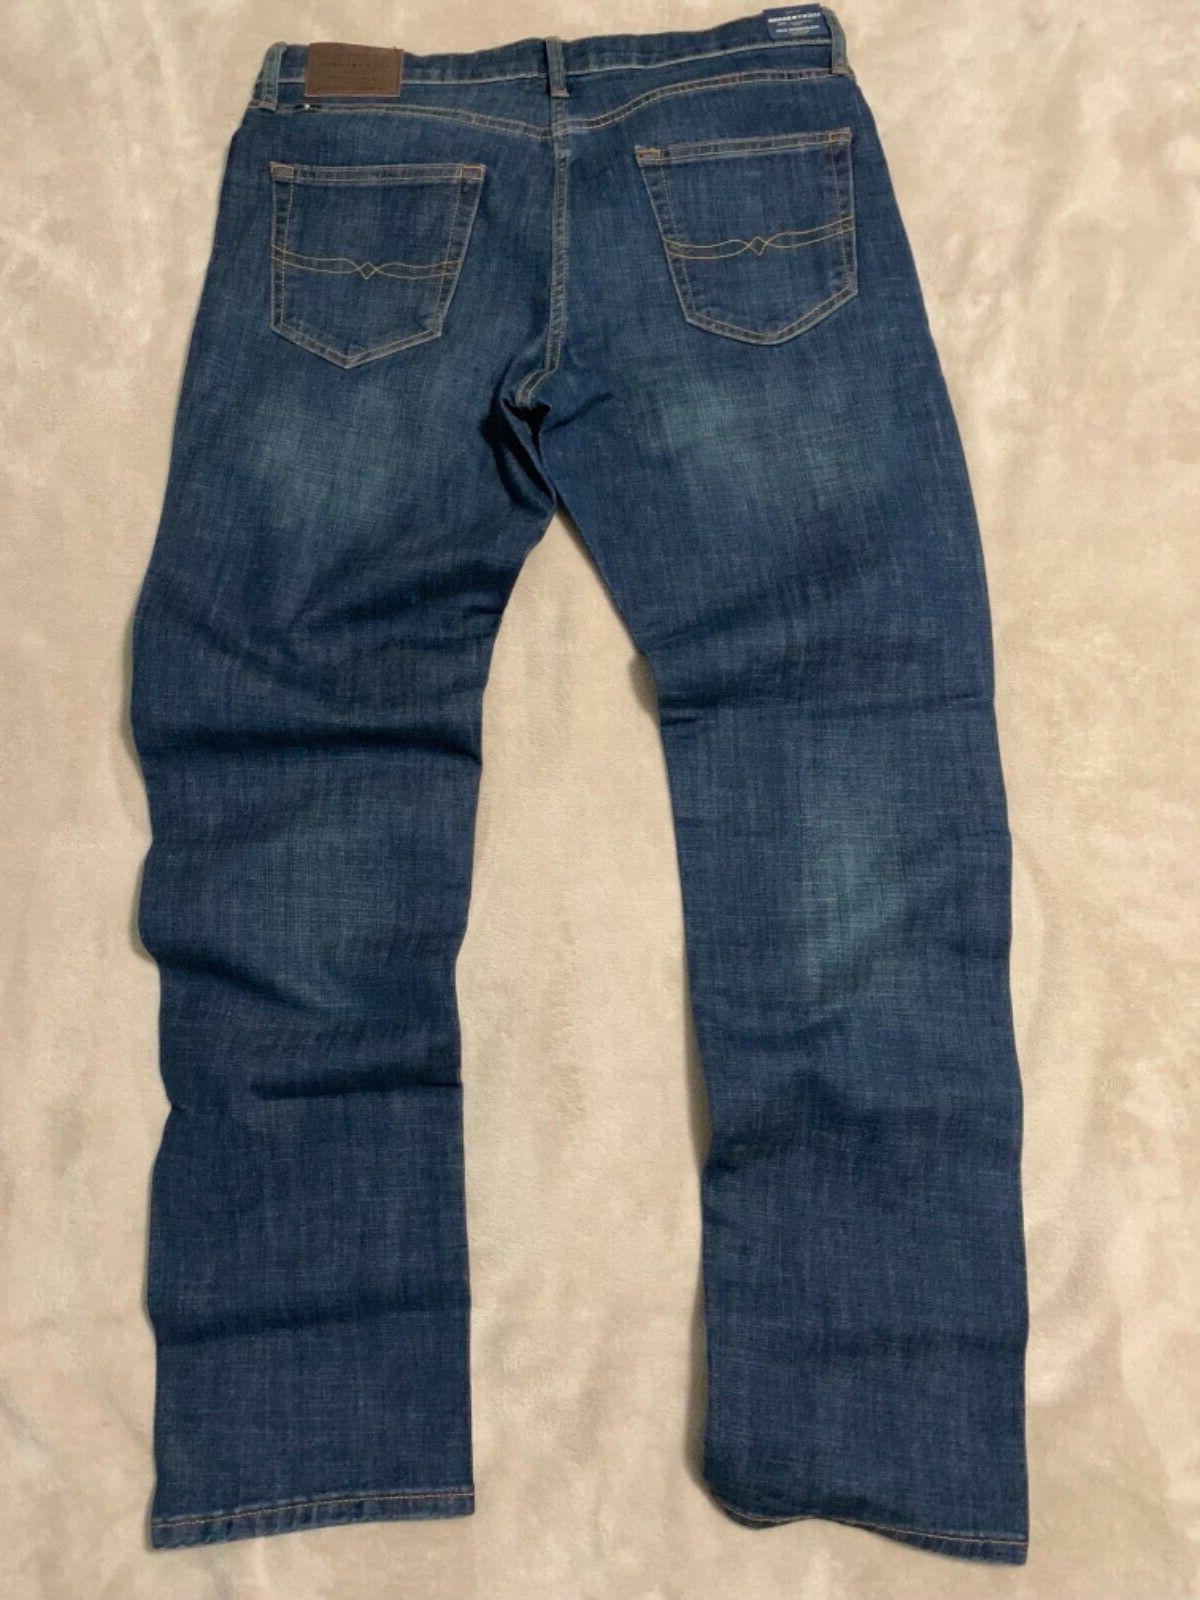 410 athletic fit jeans men size 34x32